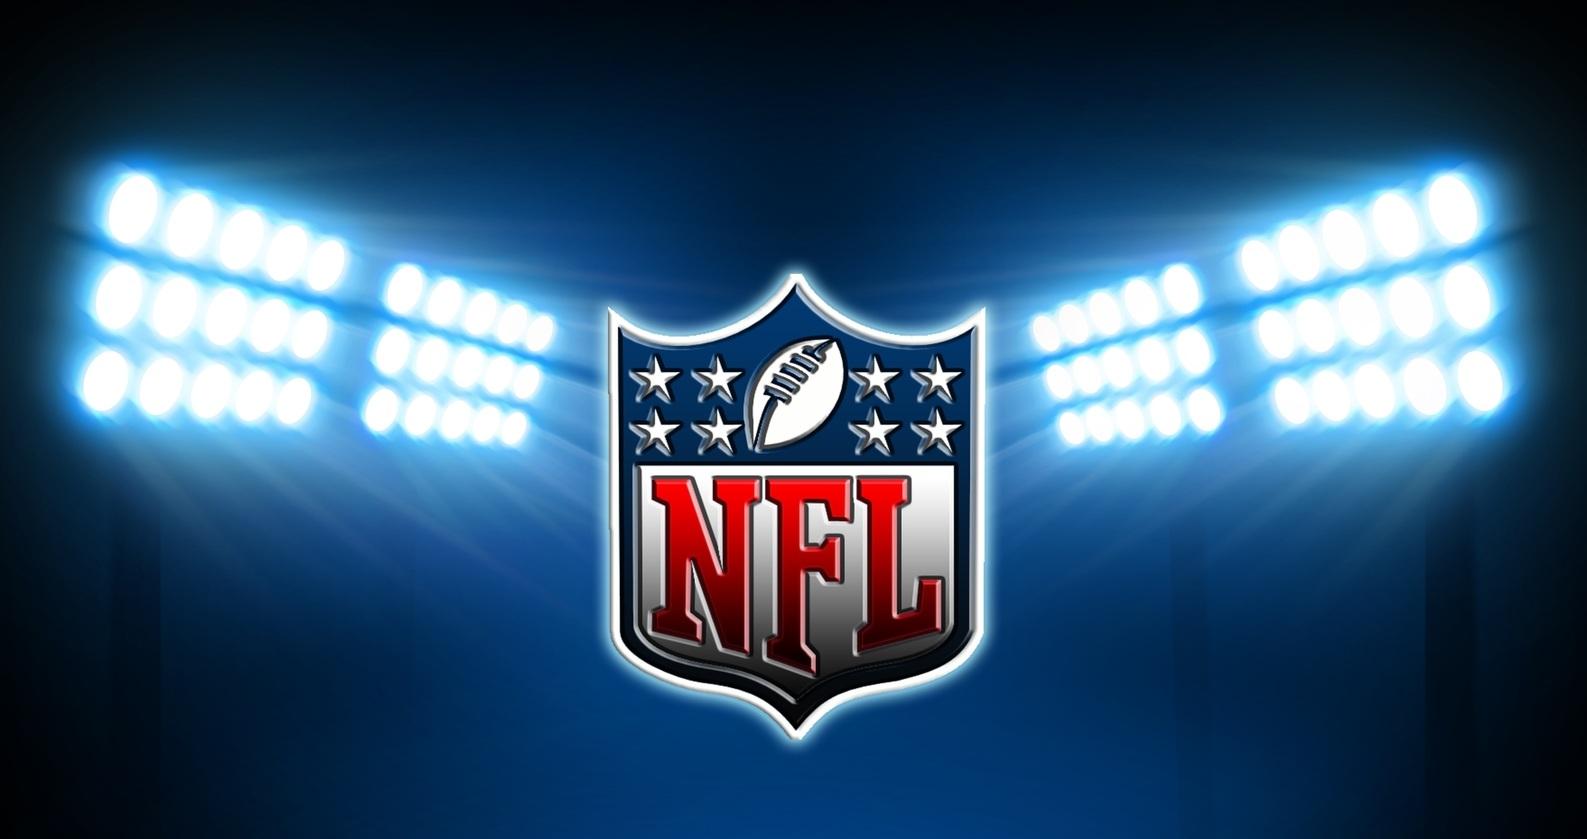 NFL Wallpaper 1587x839